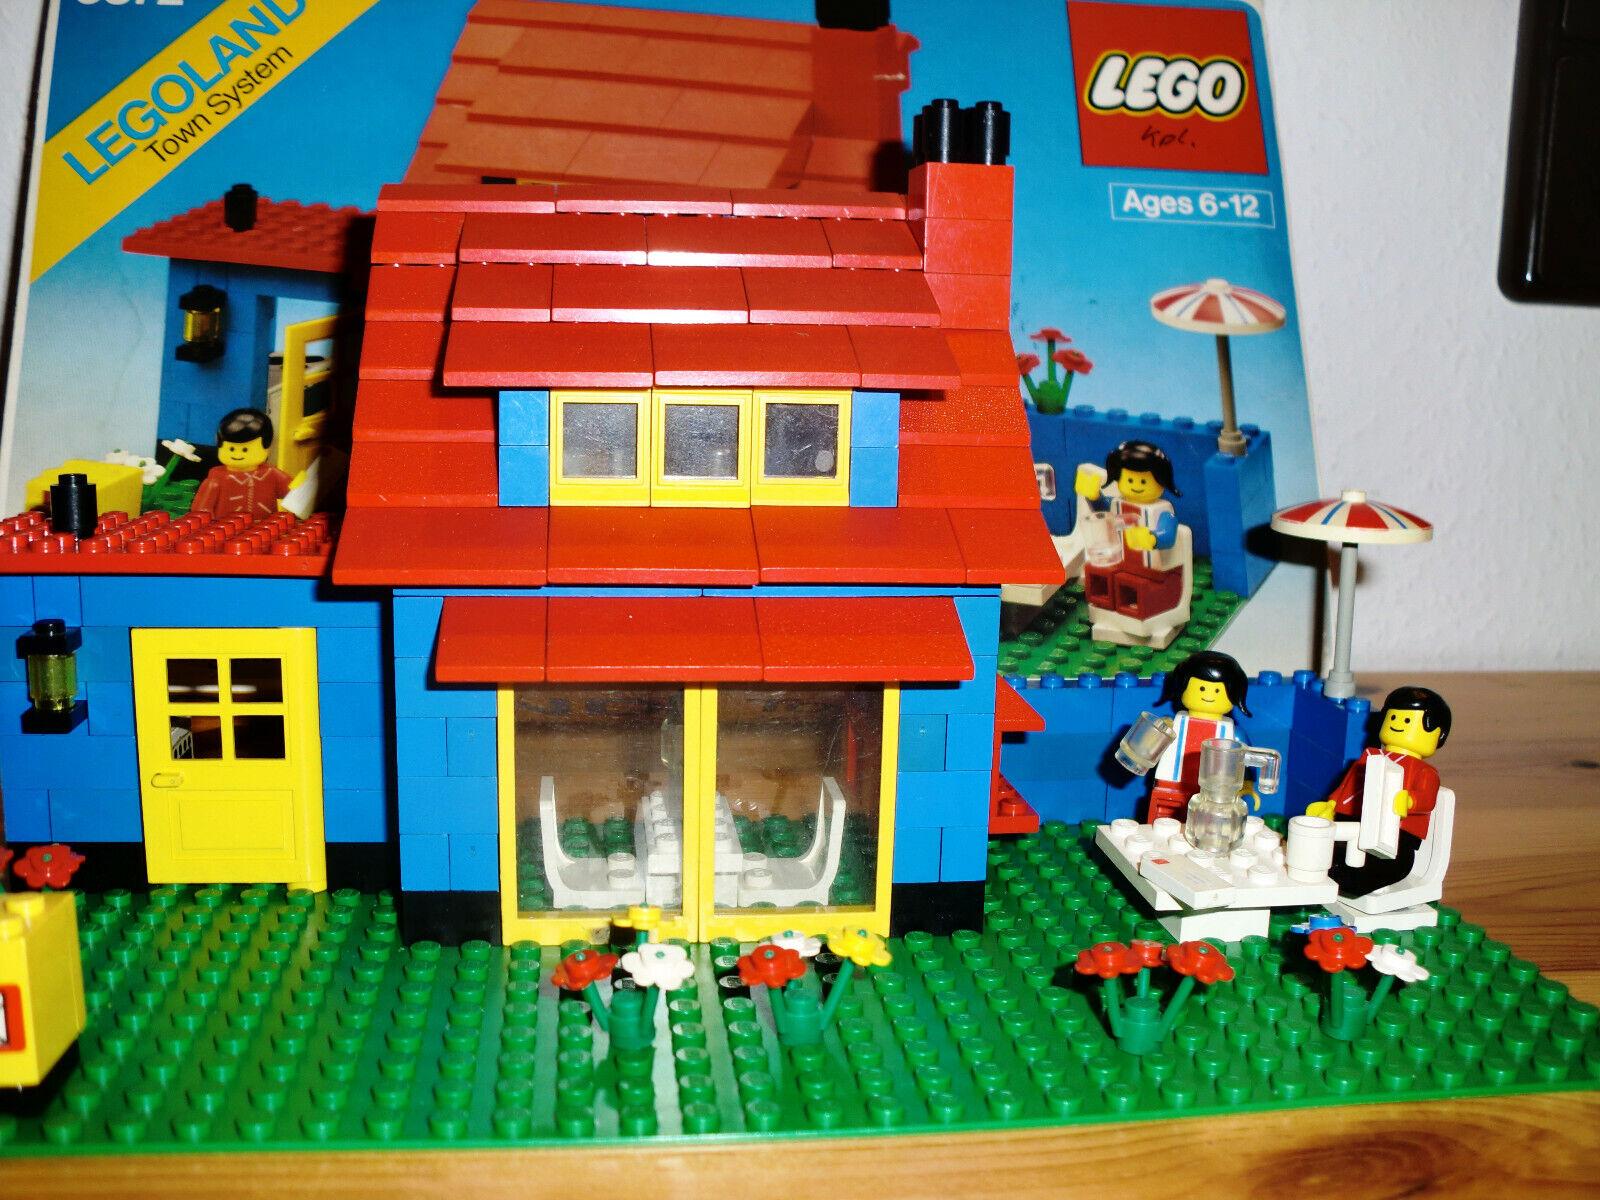 Lego 6372 Legoland - Einfamilienhaus - mit Anleitung und OVP